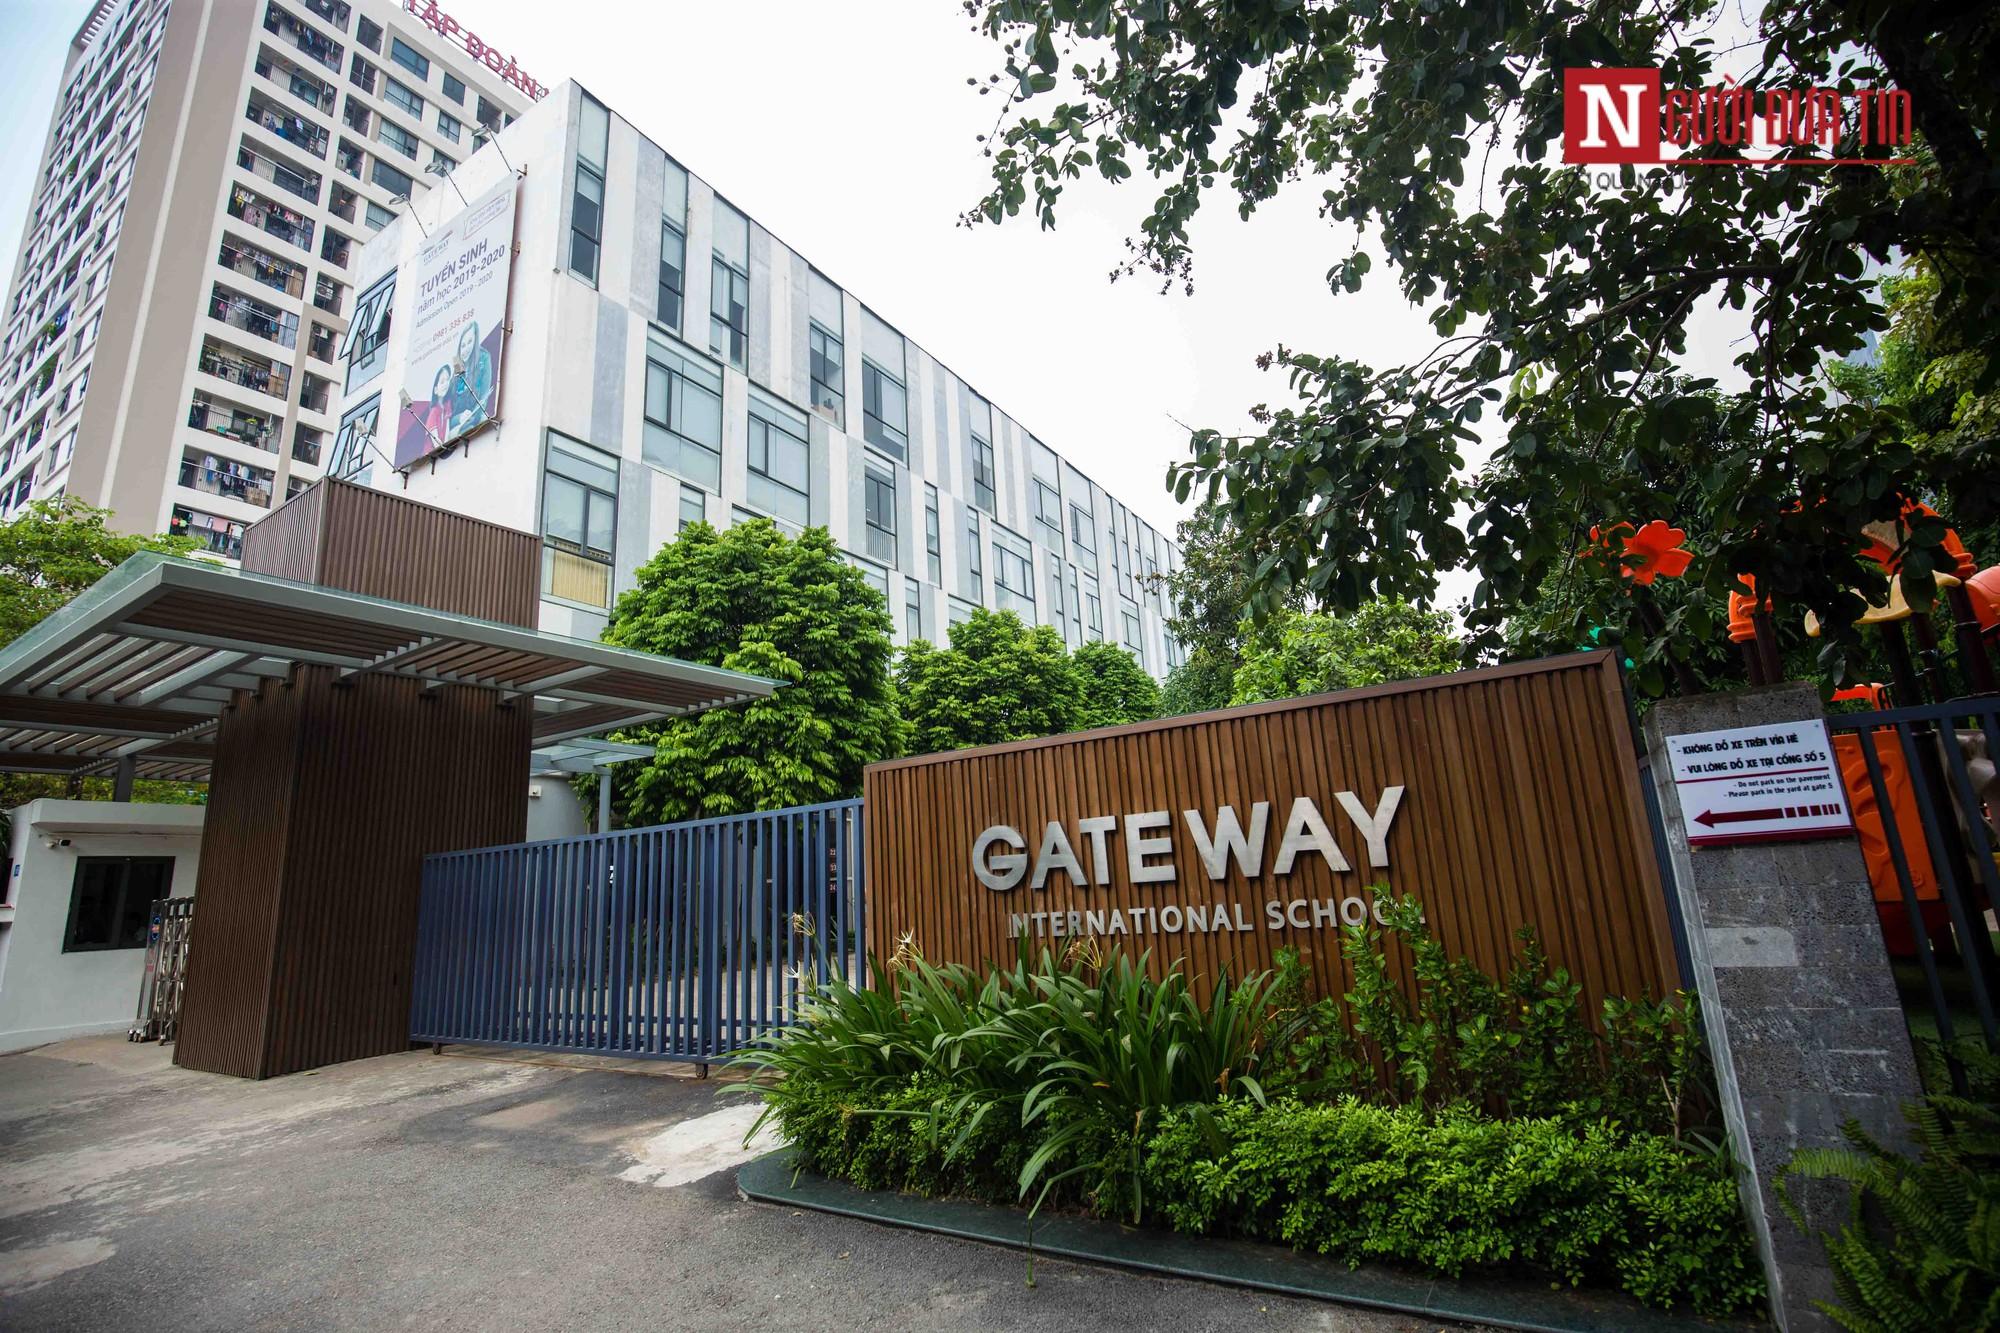 Vụ bé trai lớp 1 tử vong trên xe: Sẽ xem xét trách nhiệm của trường Gateway - Ảnh 2.